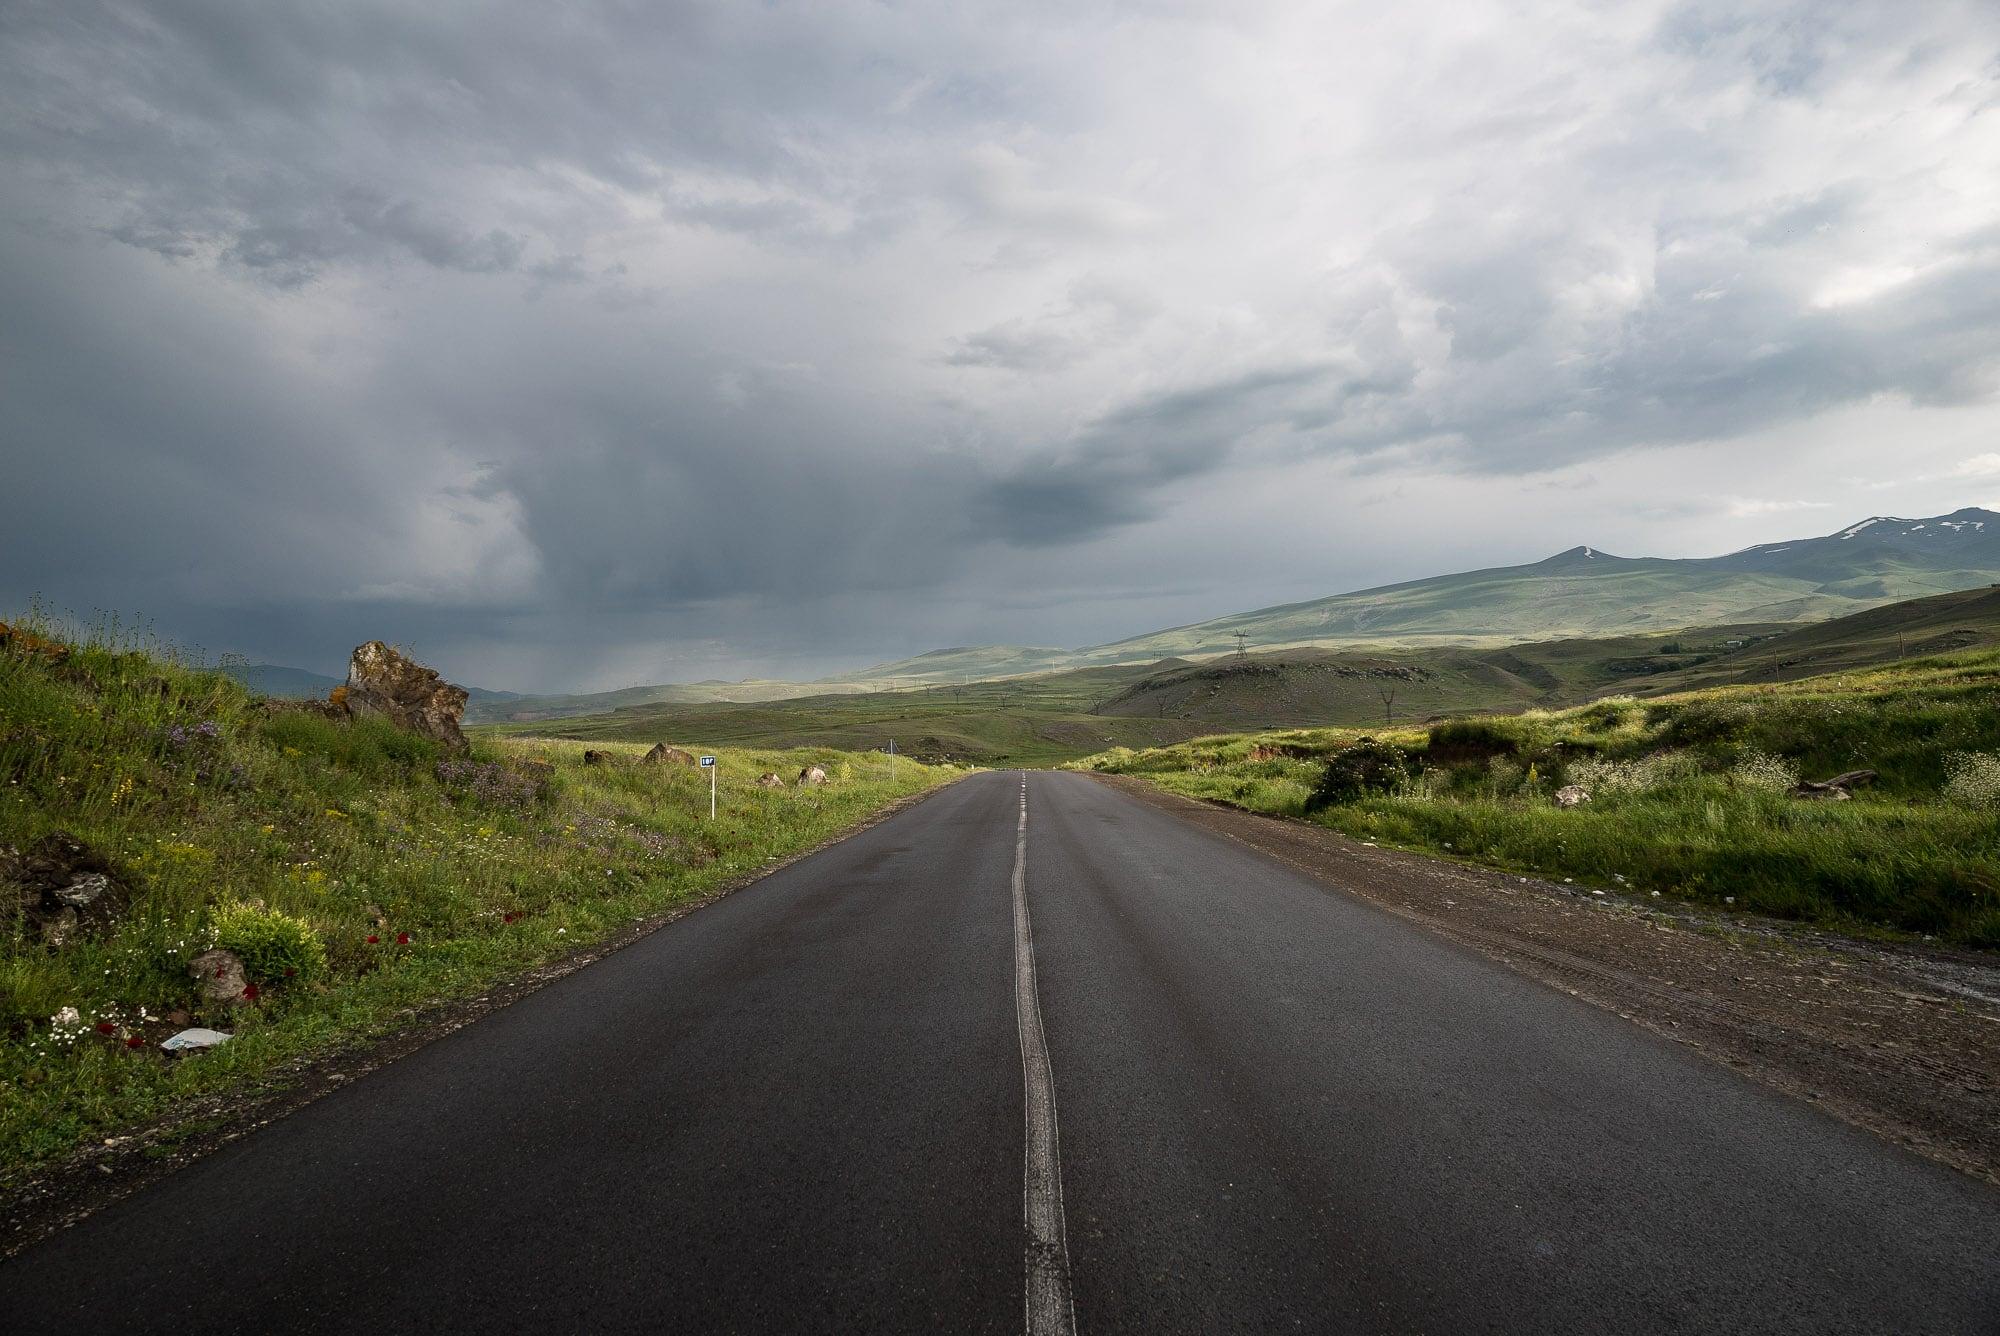 road in Armenia